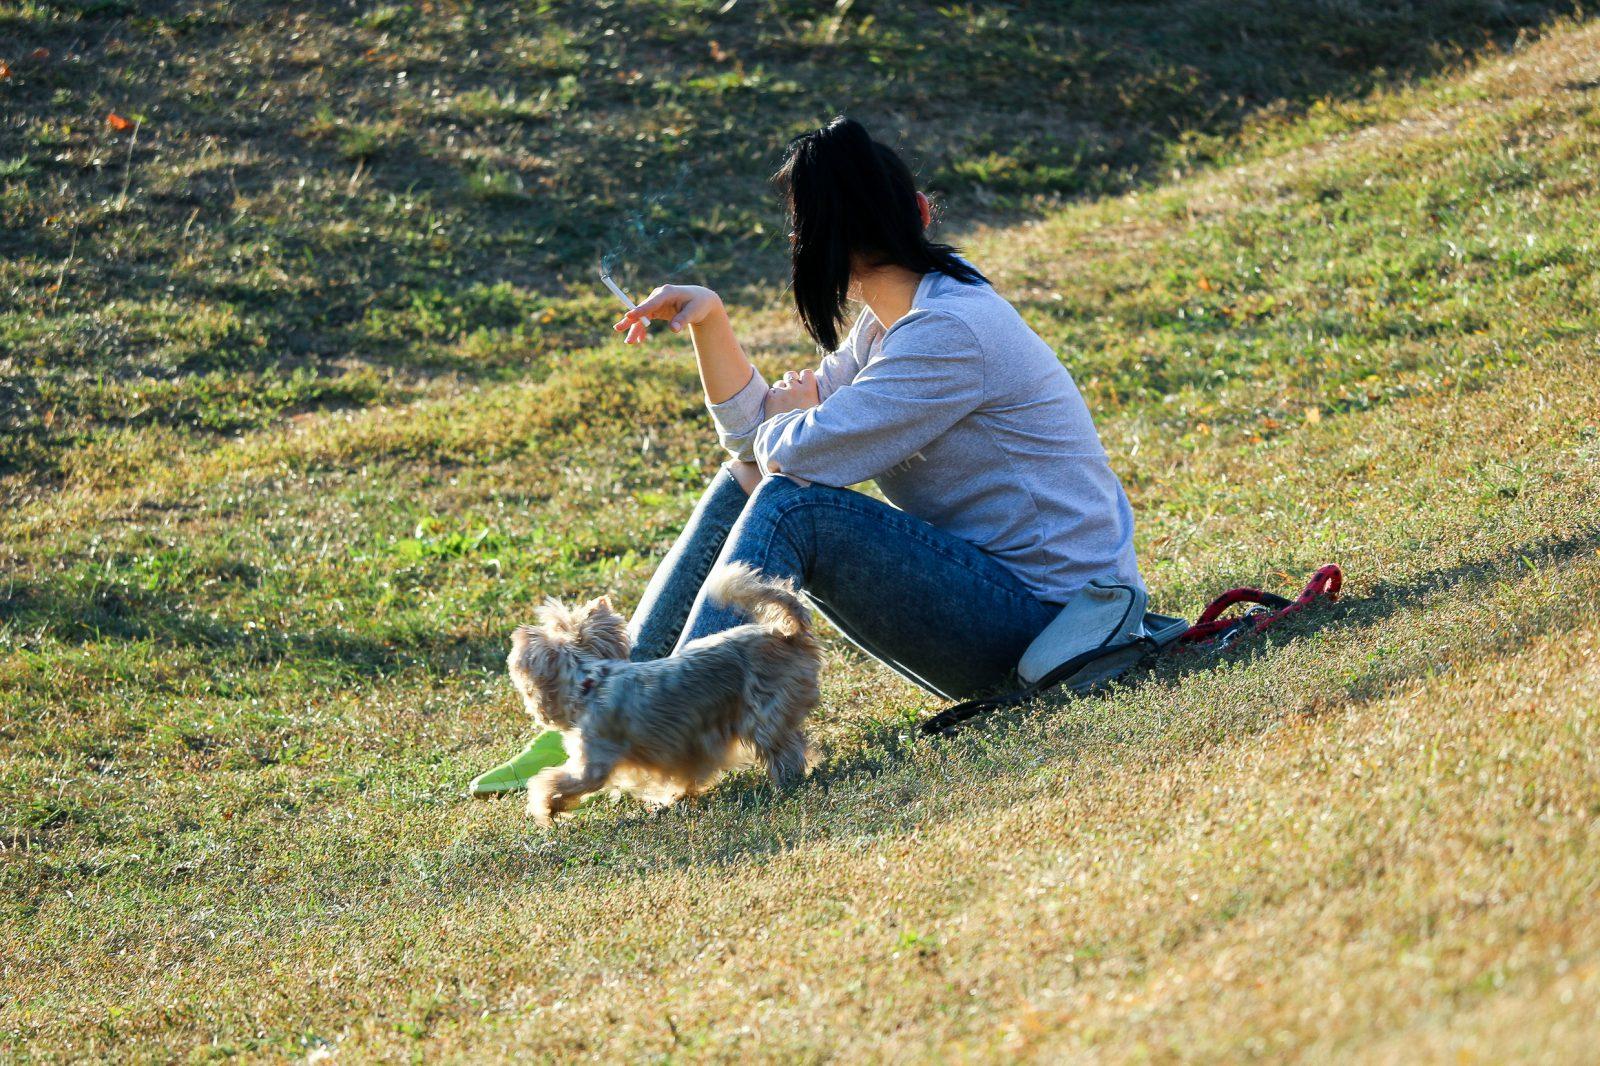 cuidar de cachorro: moça fumando cigarro sentada na grama do parque com cachorro.